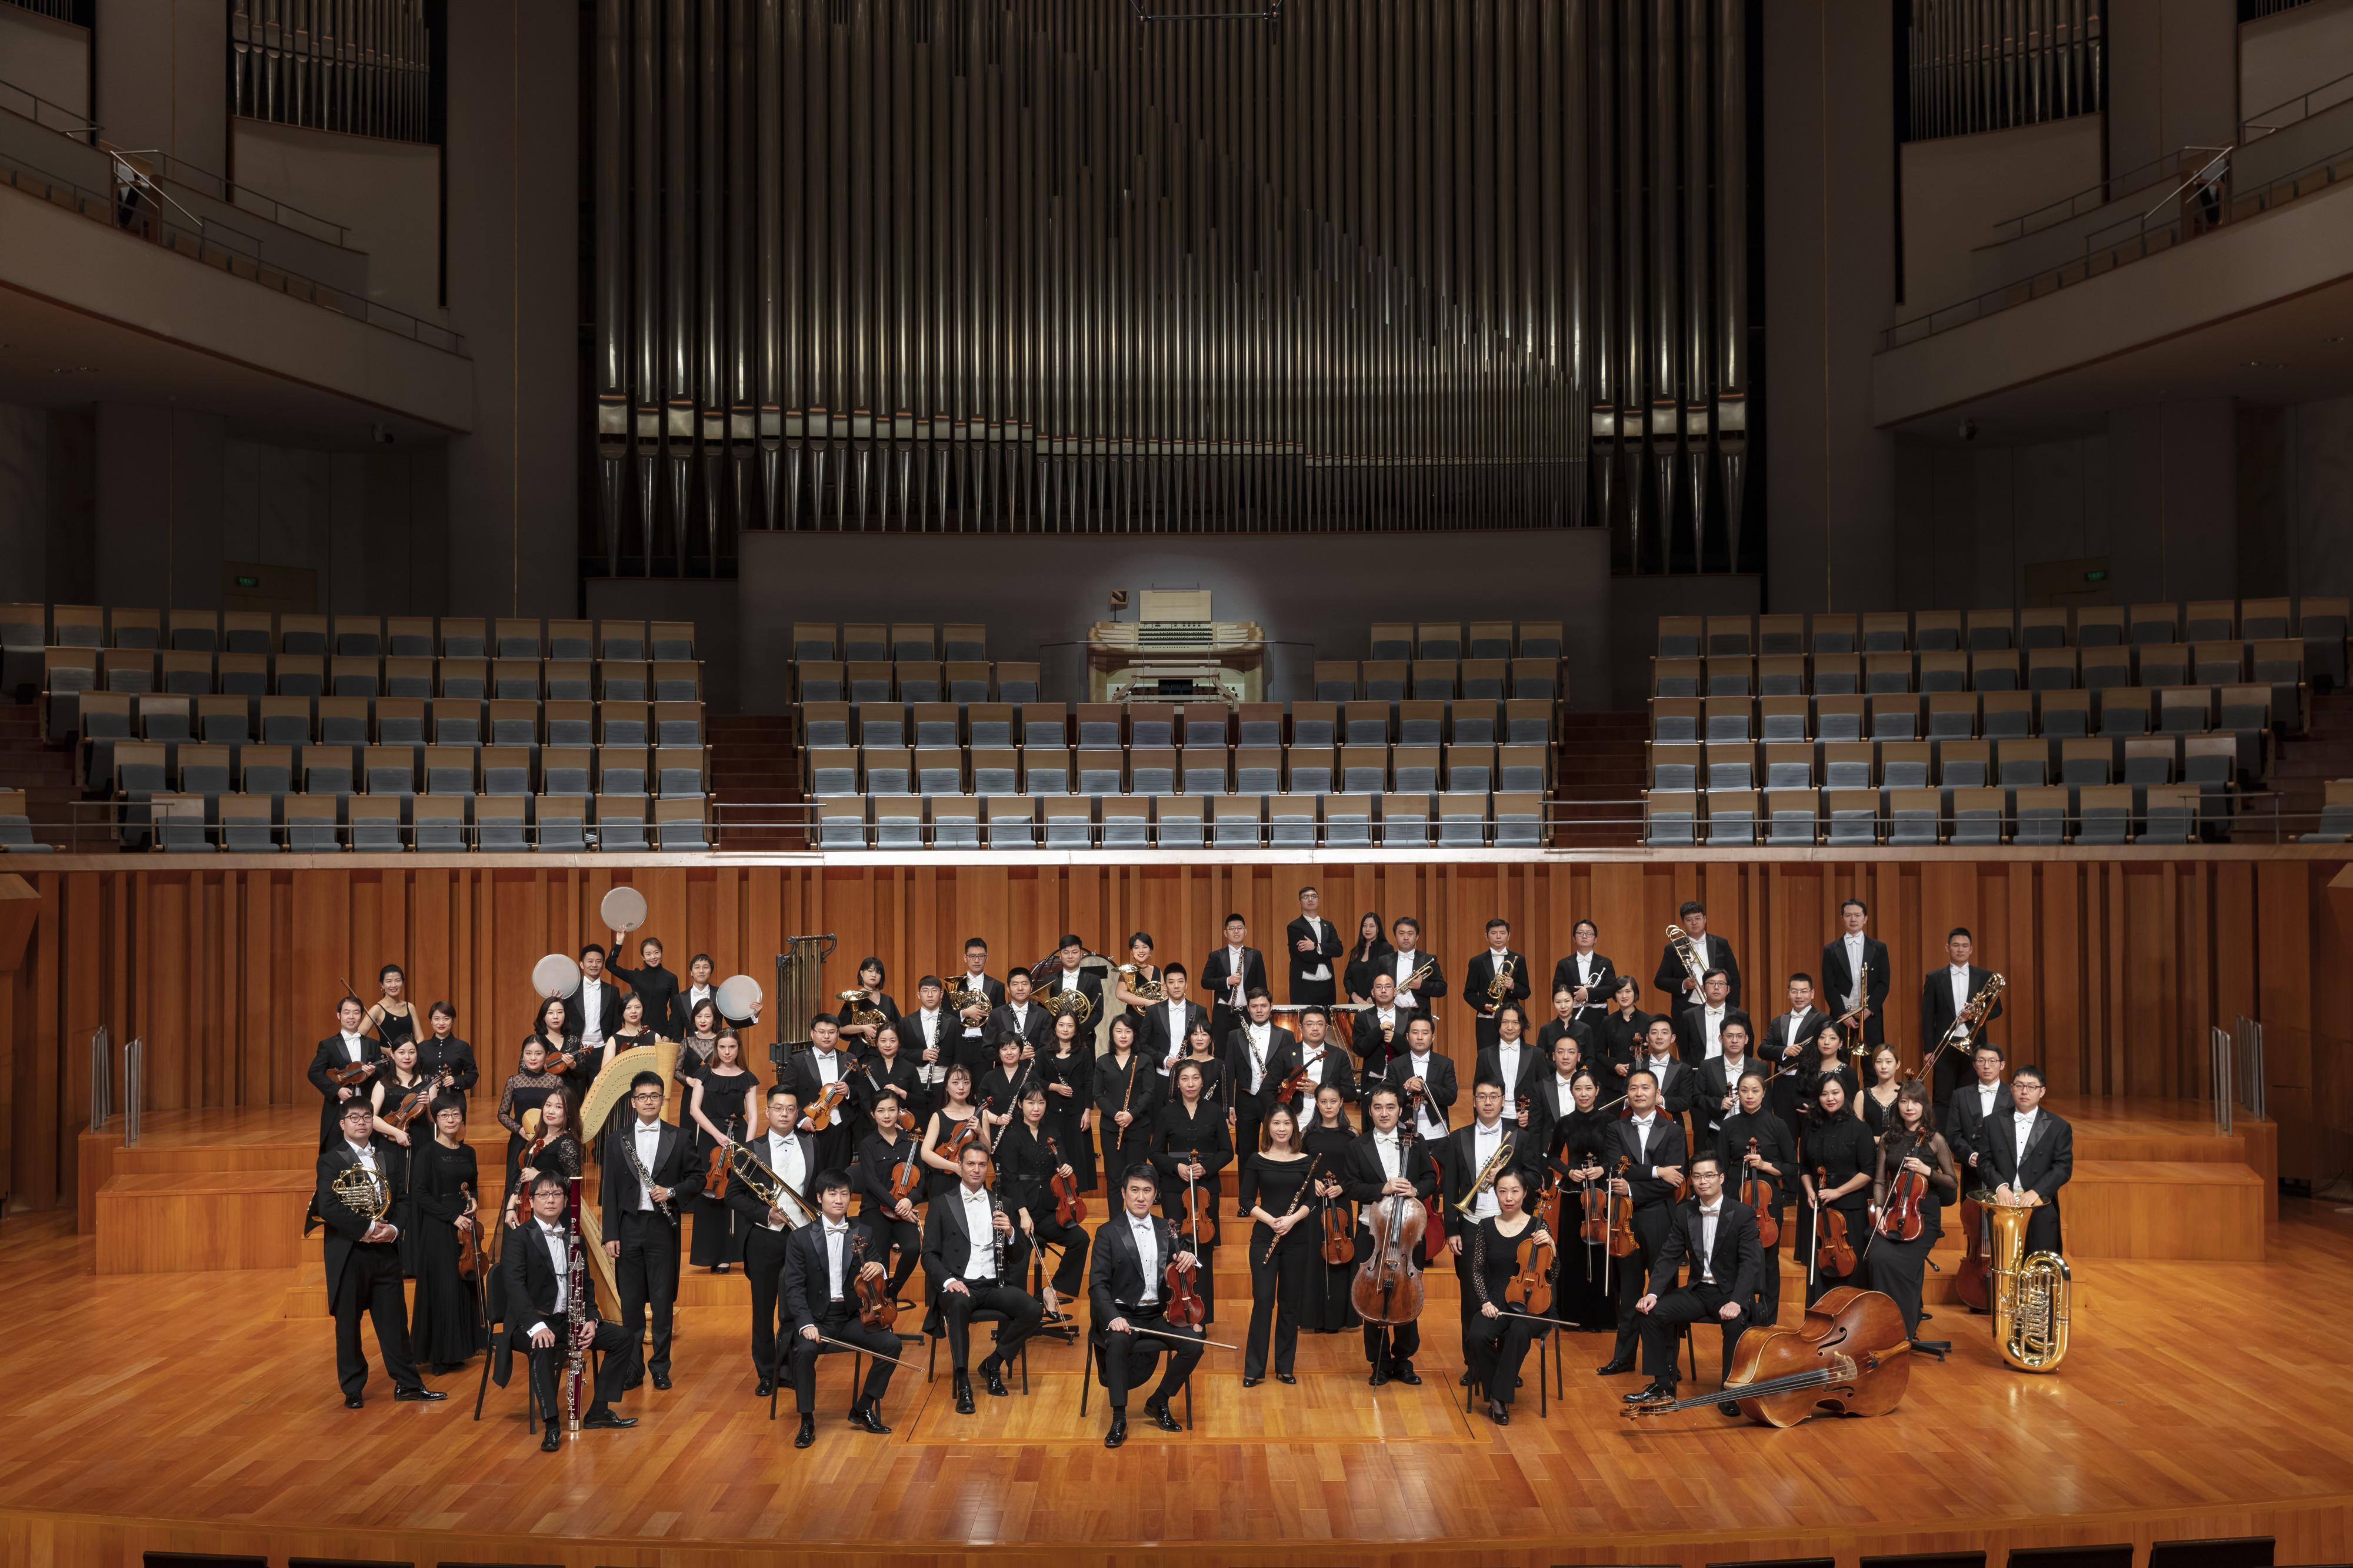 """国家大剧院管弦乐团3月连台呈现 """"完全舒伯特""""系列演出精彩不断"""